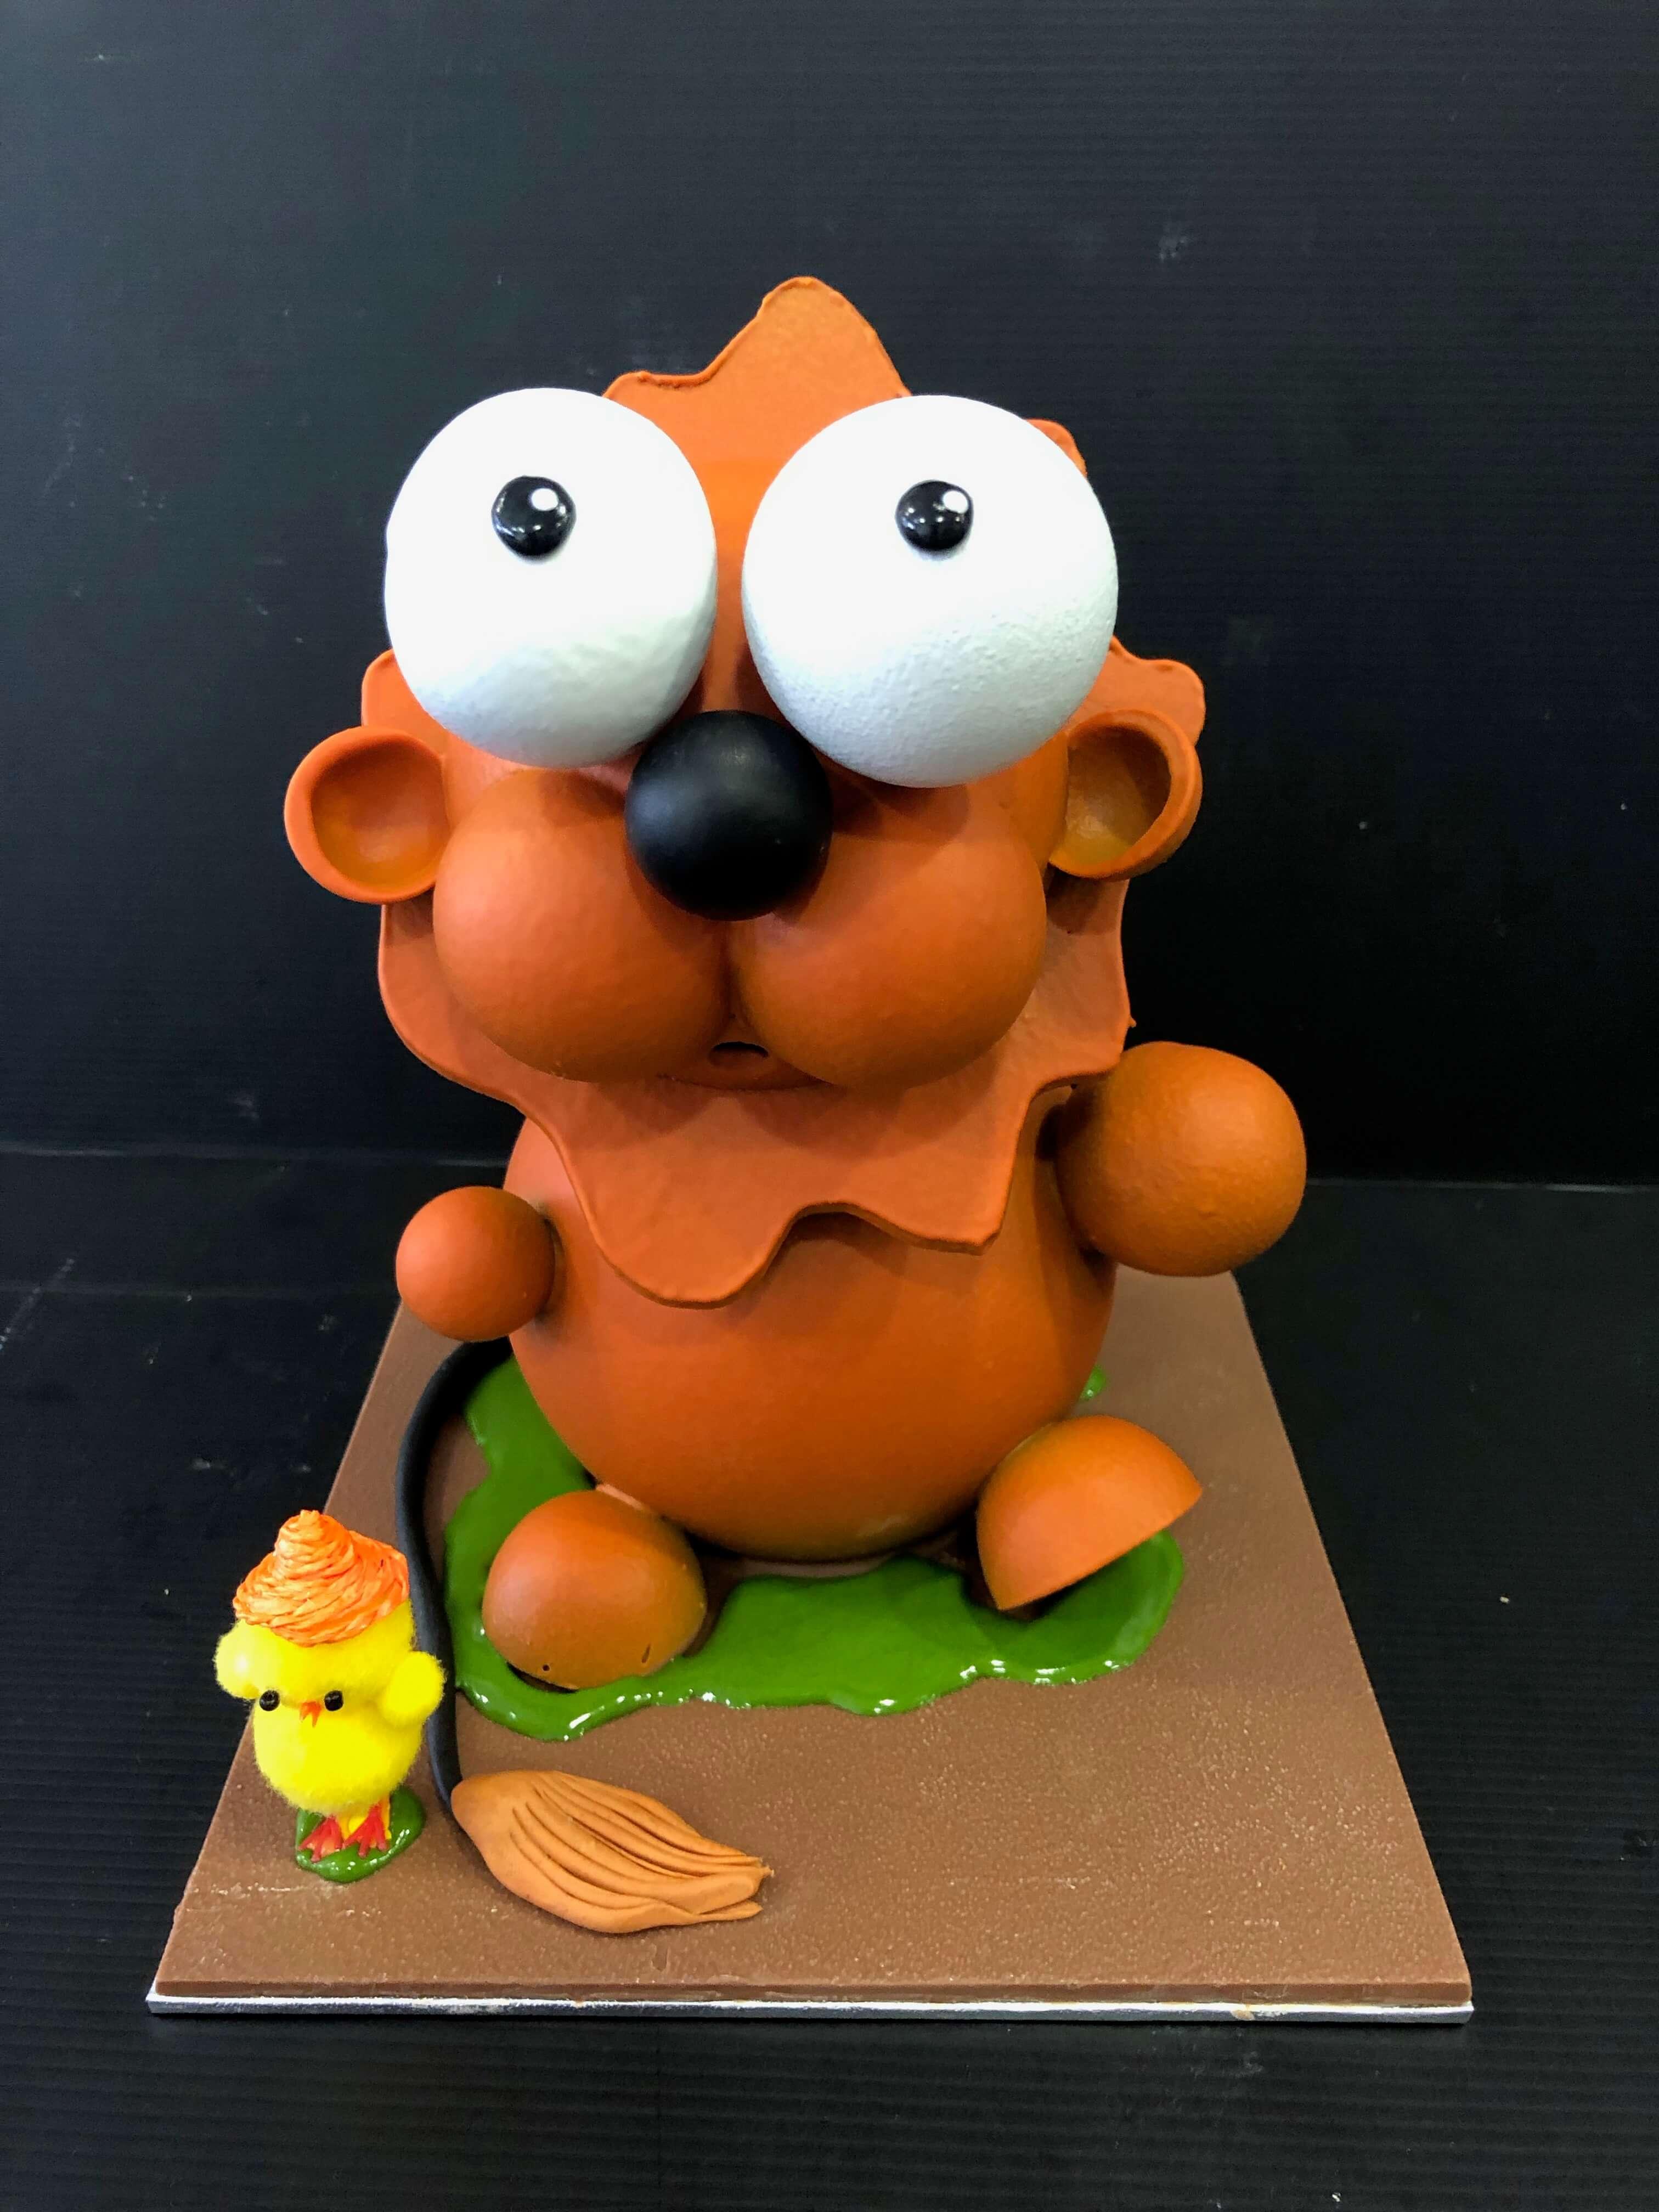 figura de pascua coruña huevo de pascua chocolate